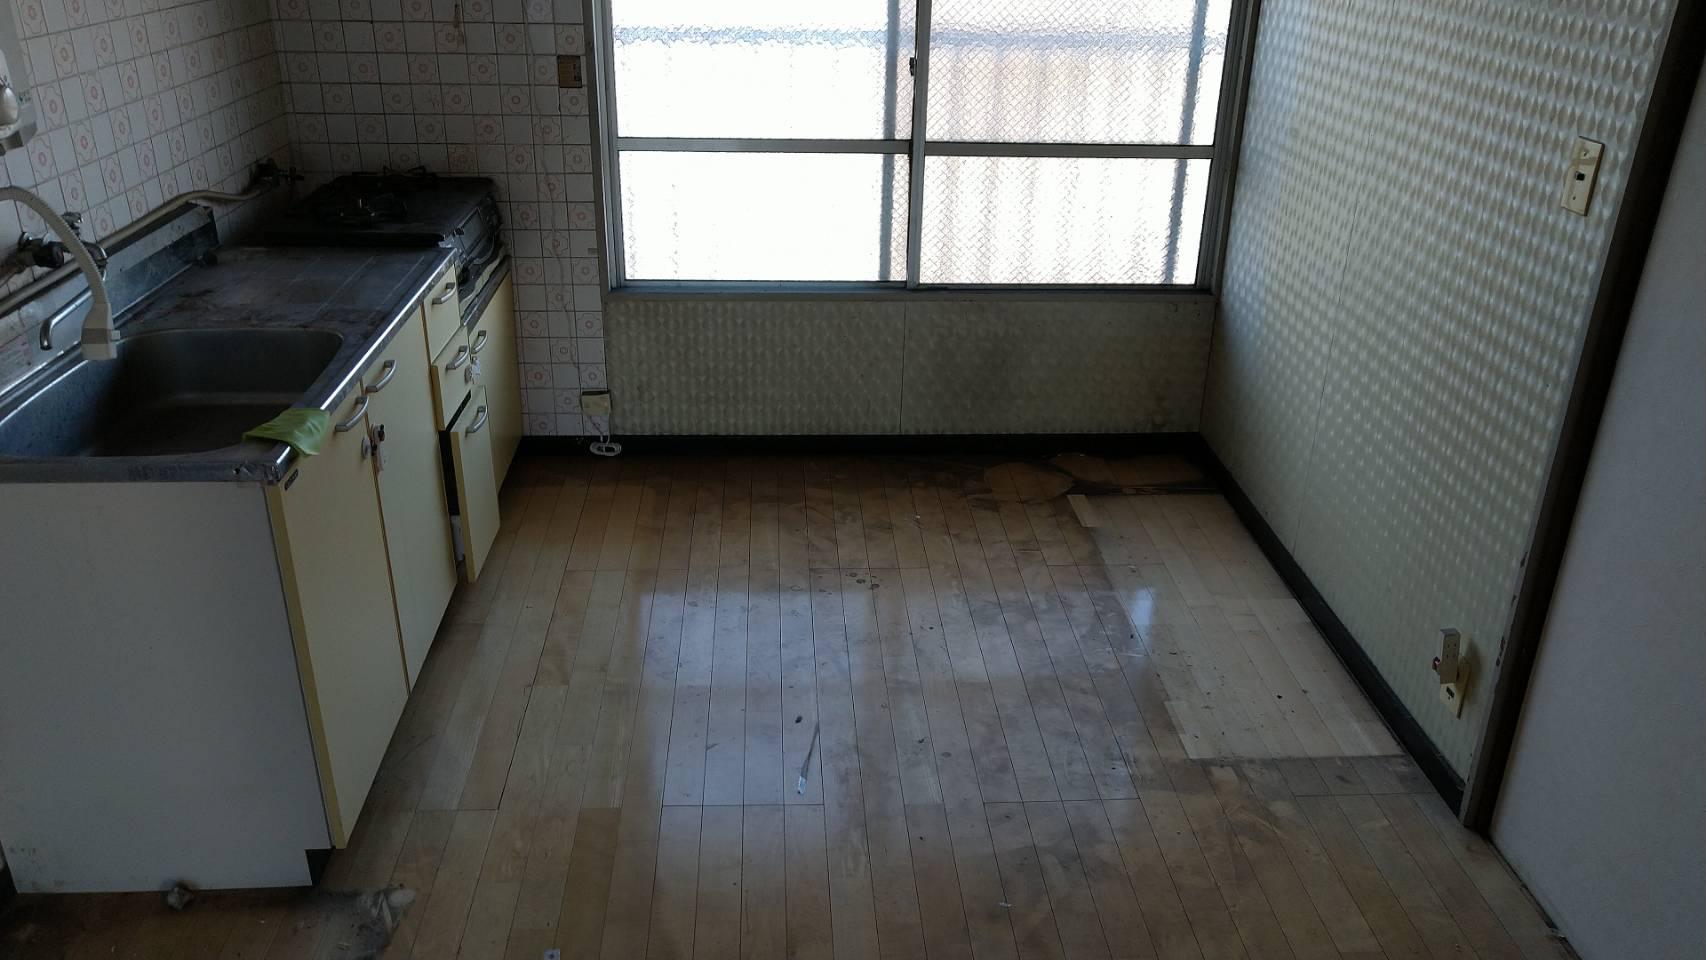 冷蔵庫、電子レンジ、ダイニングテーブル、椅子、食器棚の回収後